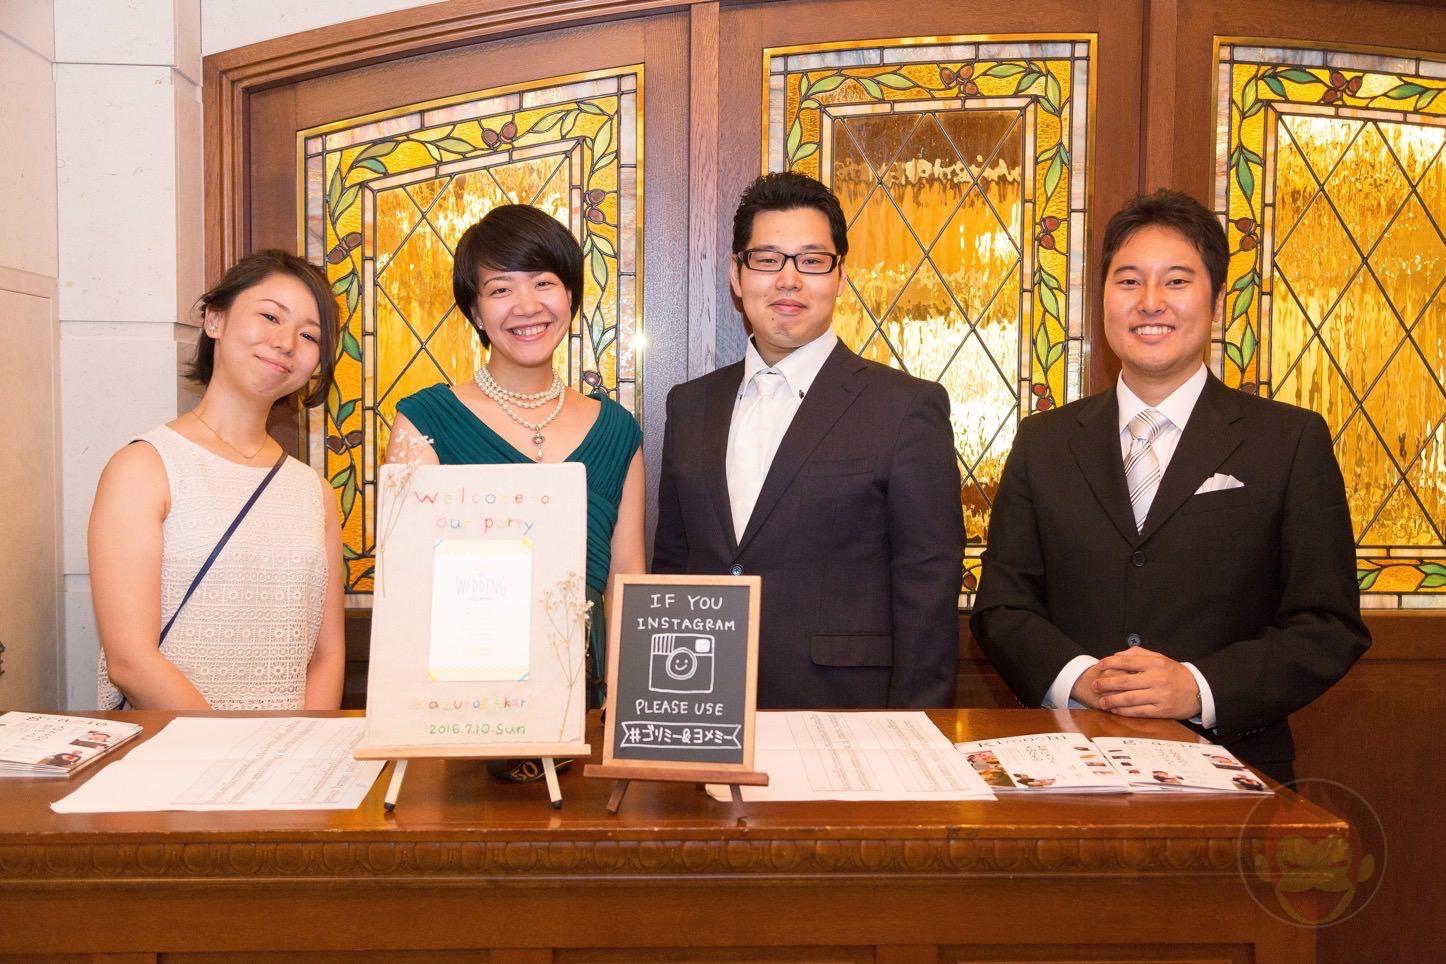 Hanzoya-Wedding-GoriMeYomeMe-19.jpg